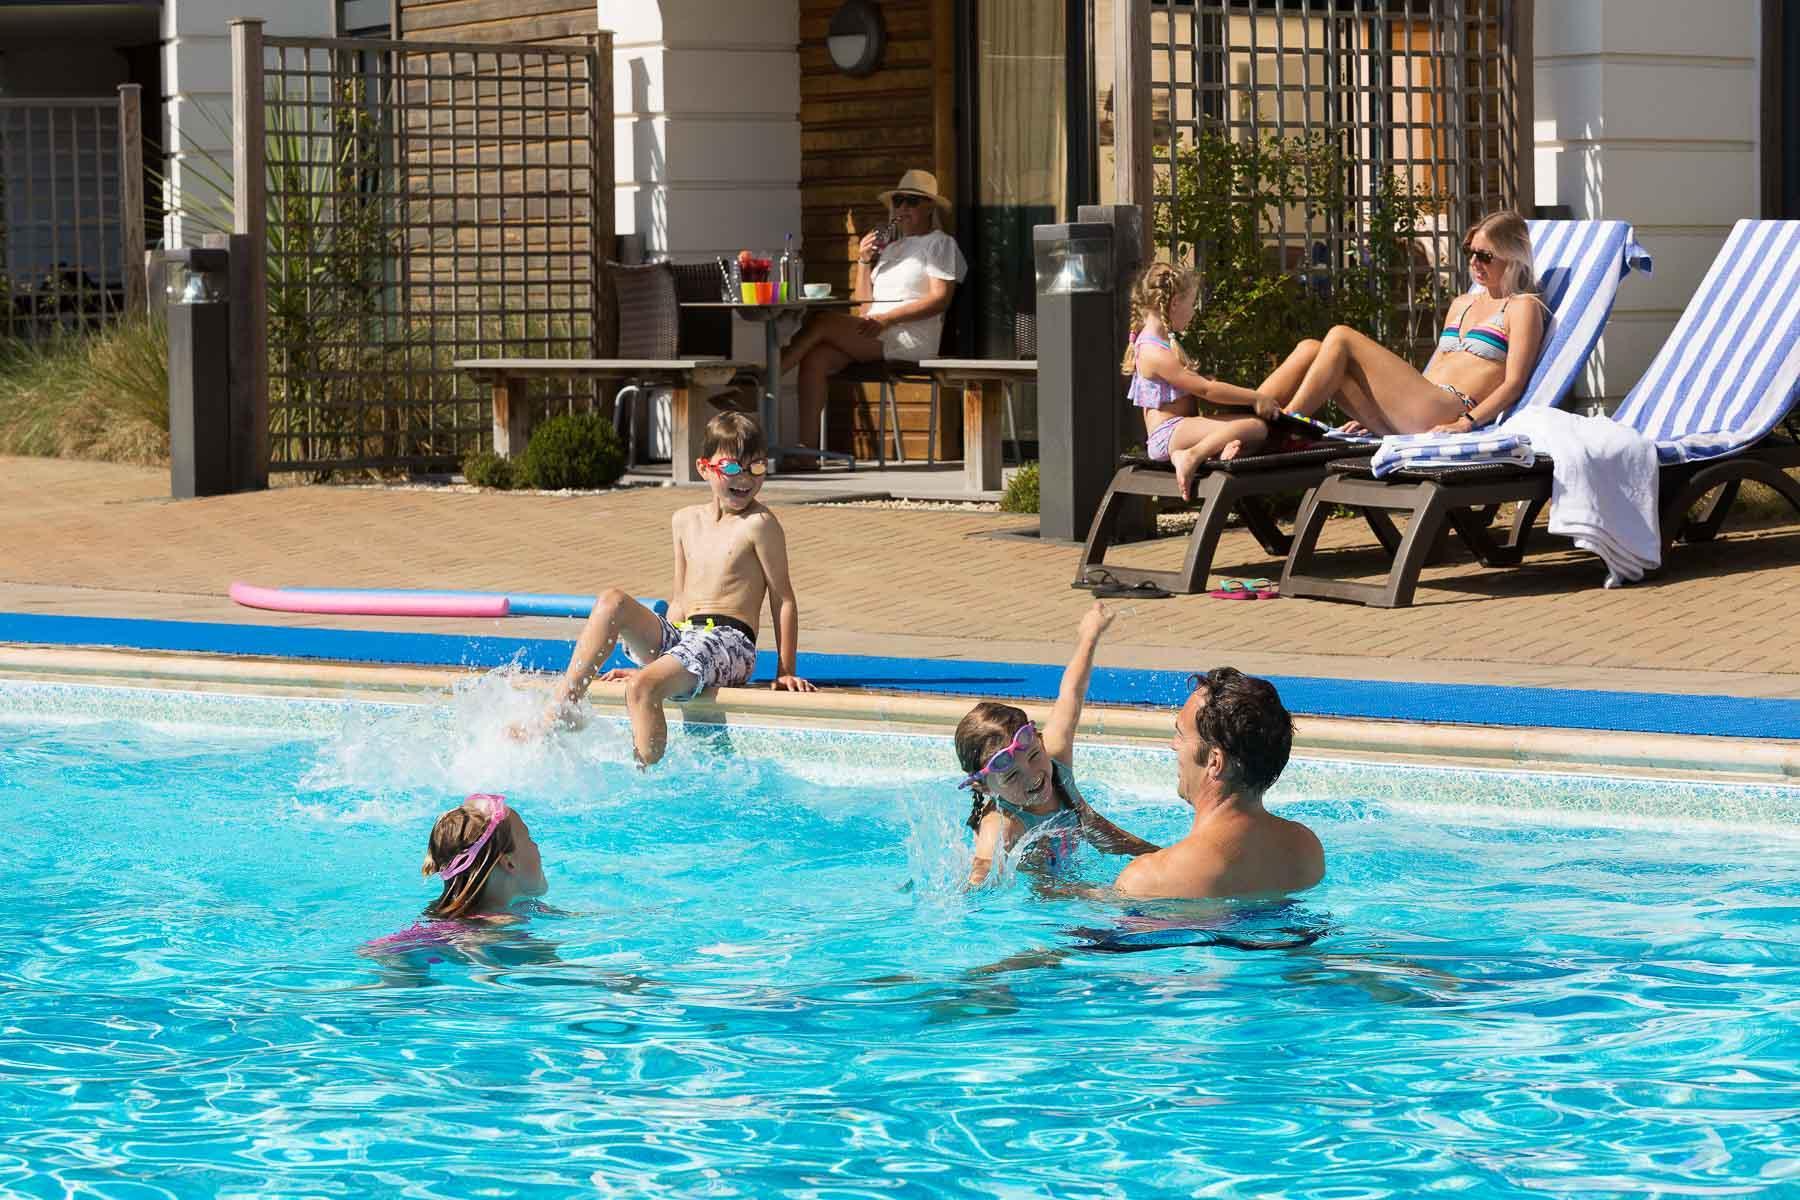 Les Ormes Resort